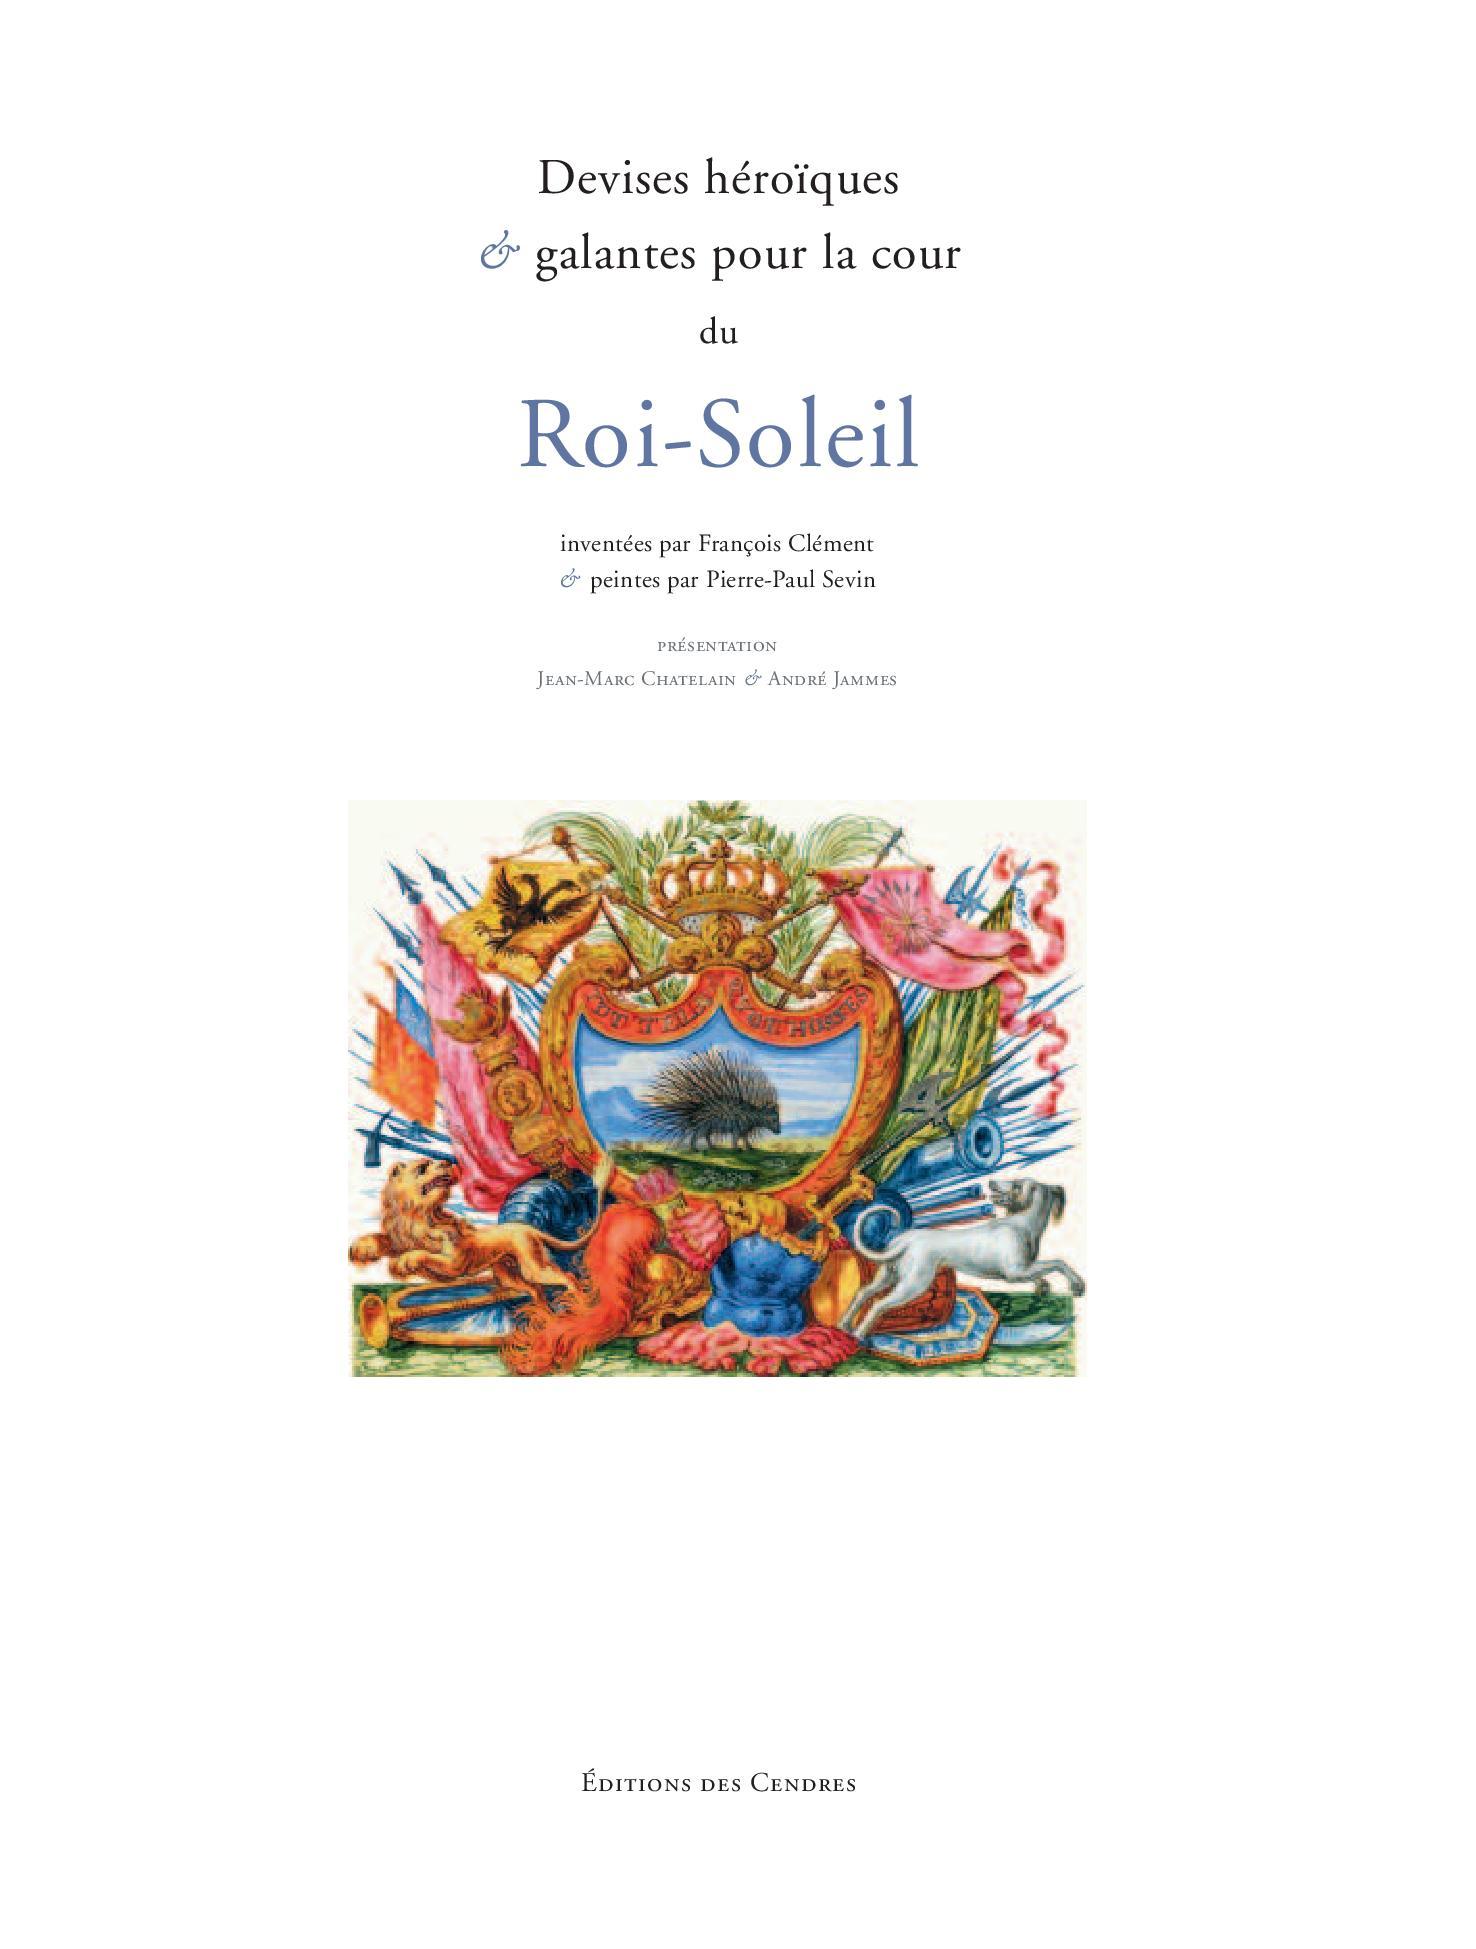 Devises héroïques et galantes pour la Cour du Roi-Soleil (éd. J.-M. Chatelain & A. Jammes)